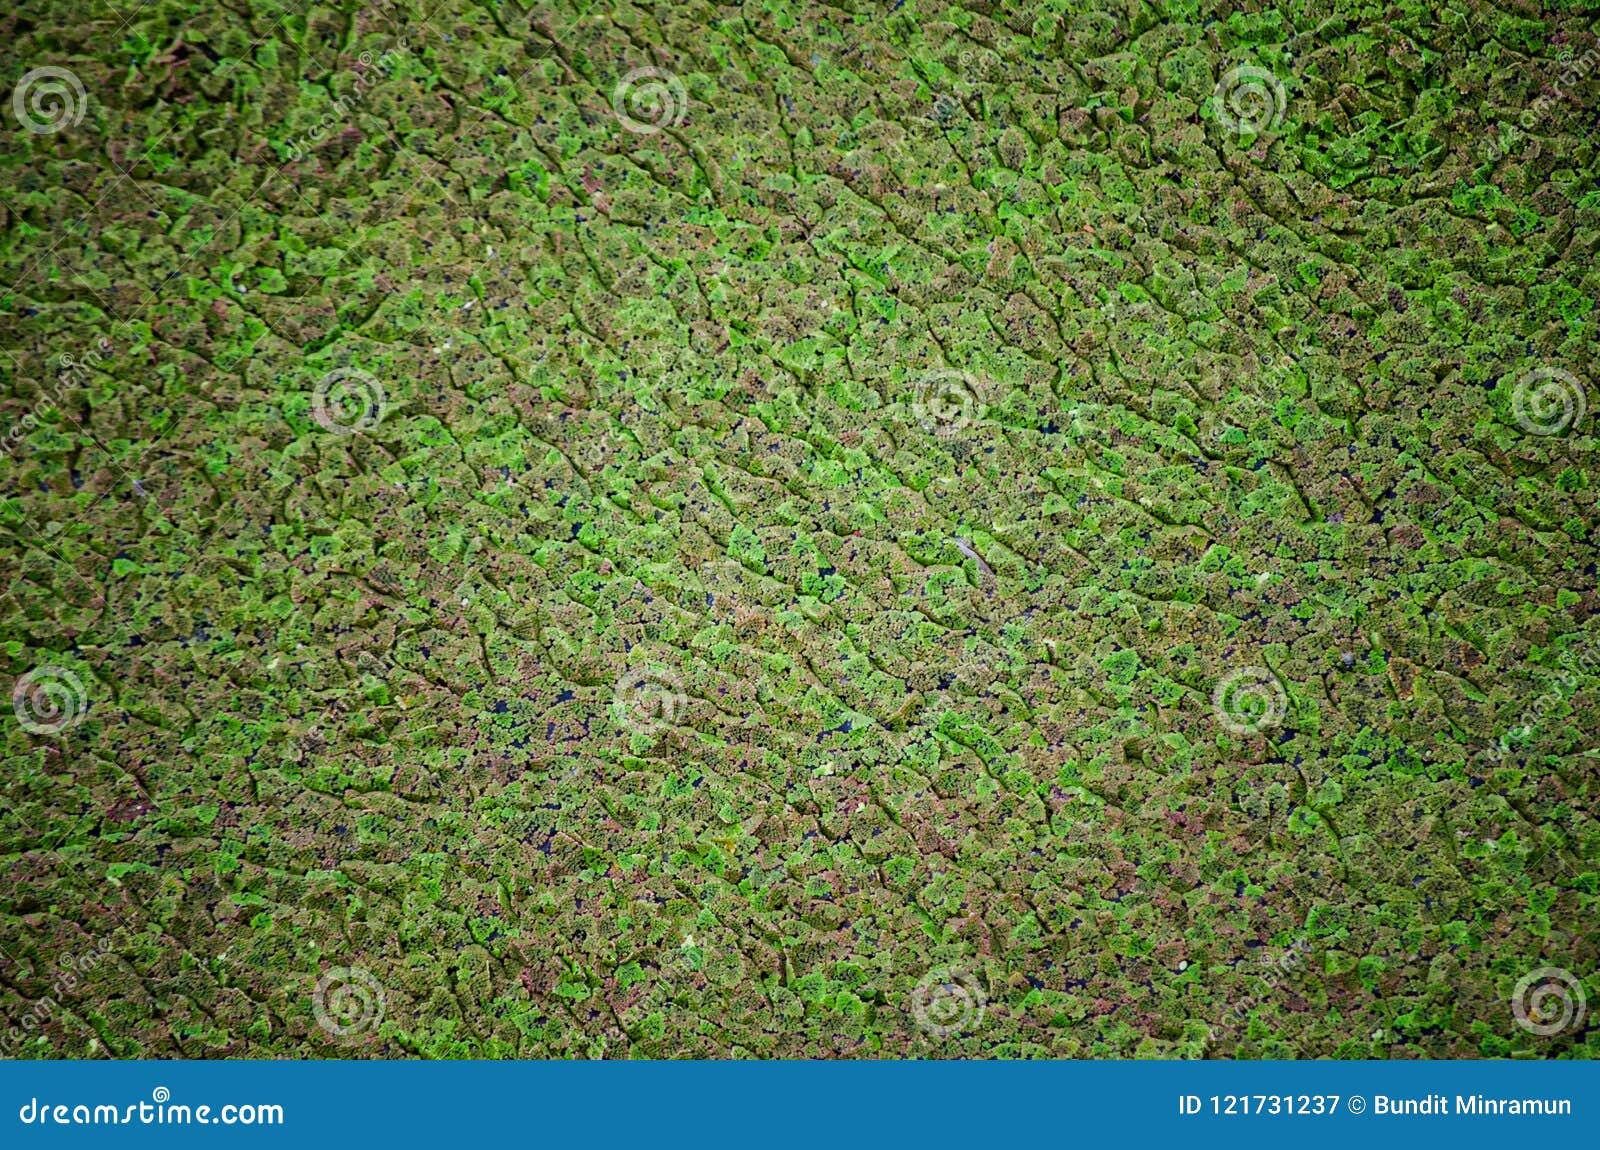 Groen klein Fern Plant Floating On Water-Oppervlaktepatroon